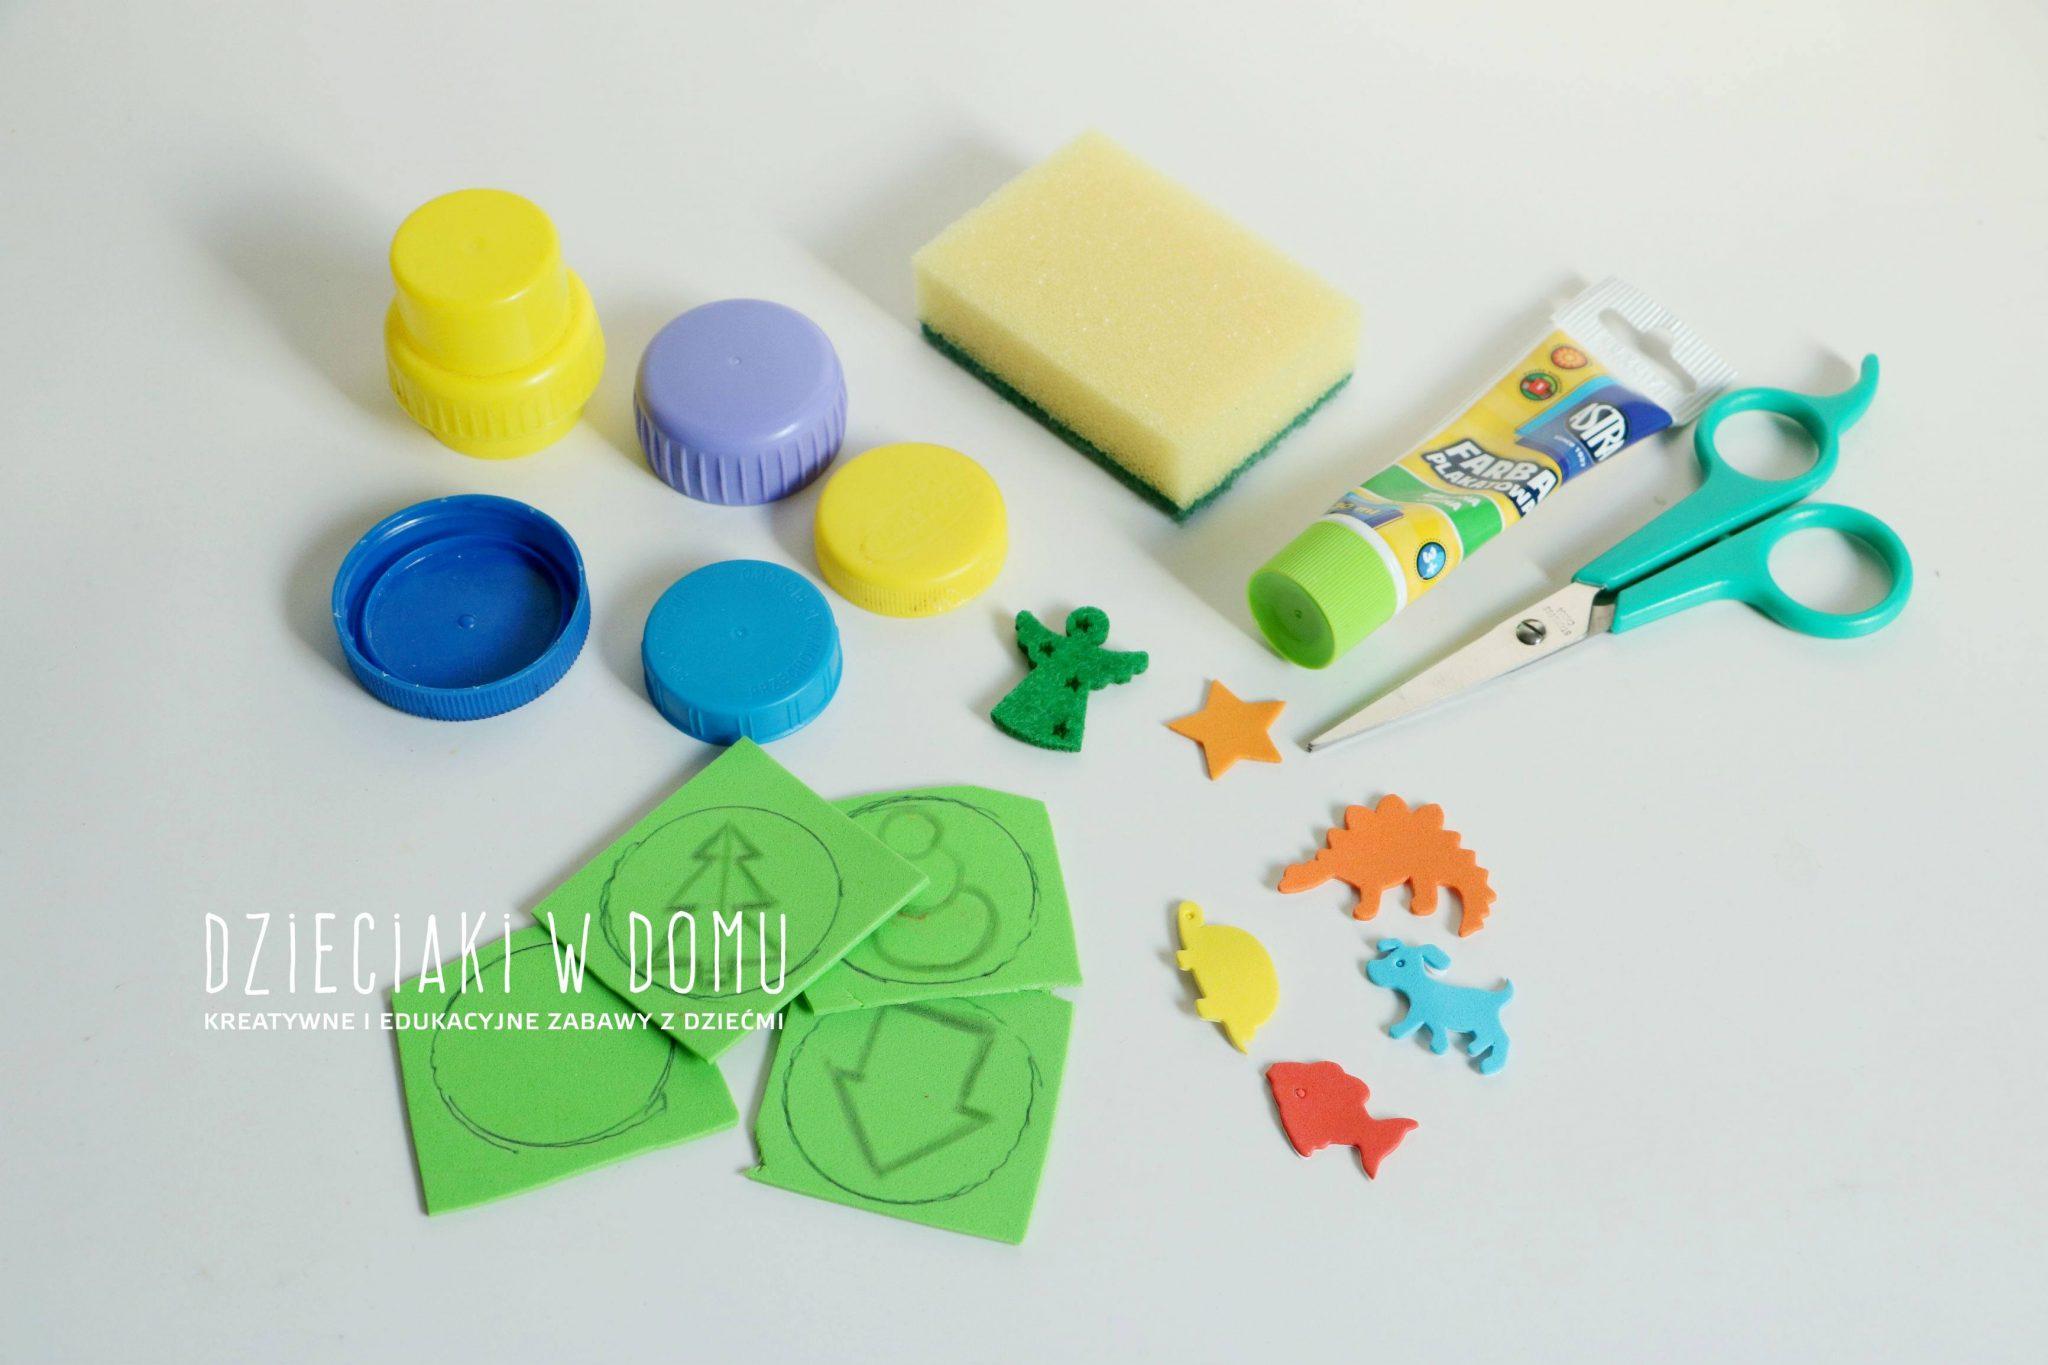 Stempeki dla dzieci zrobione z nakrętek domowym sposobem DIY